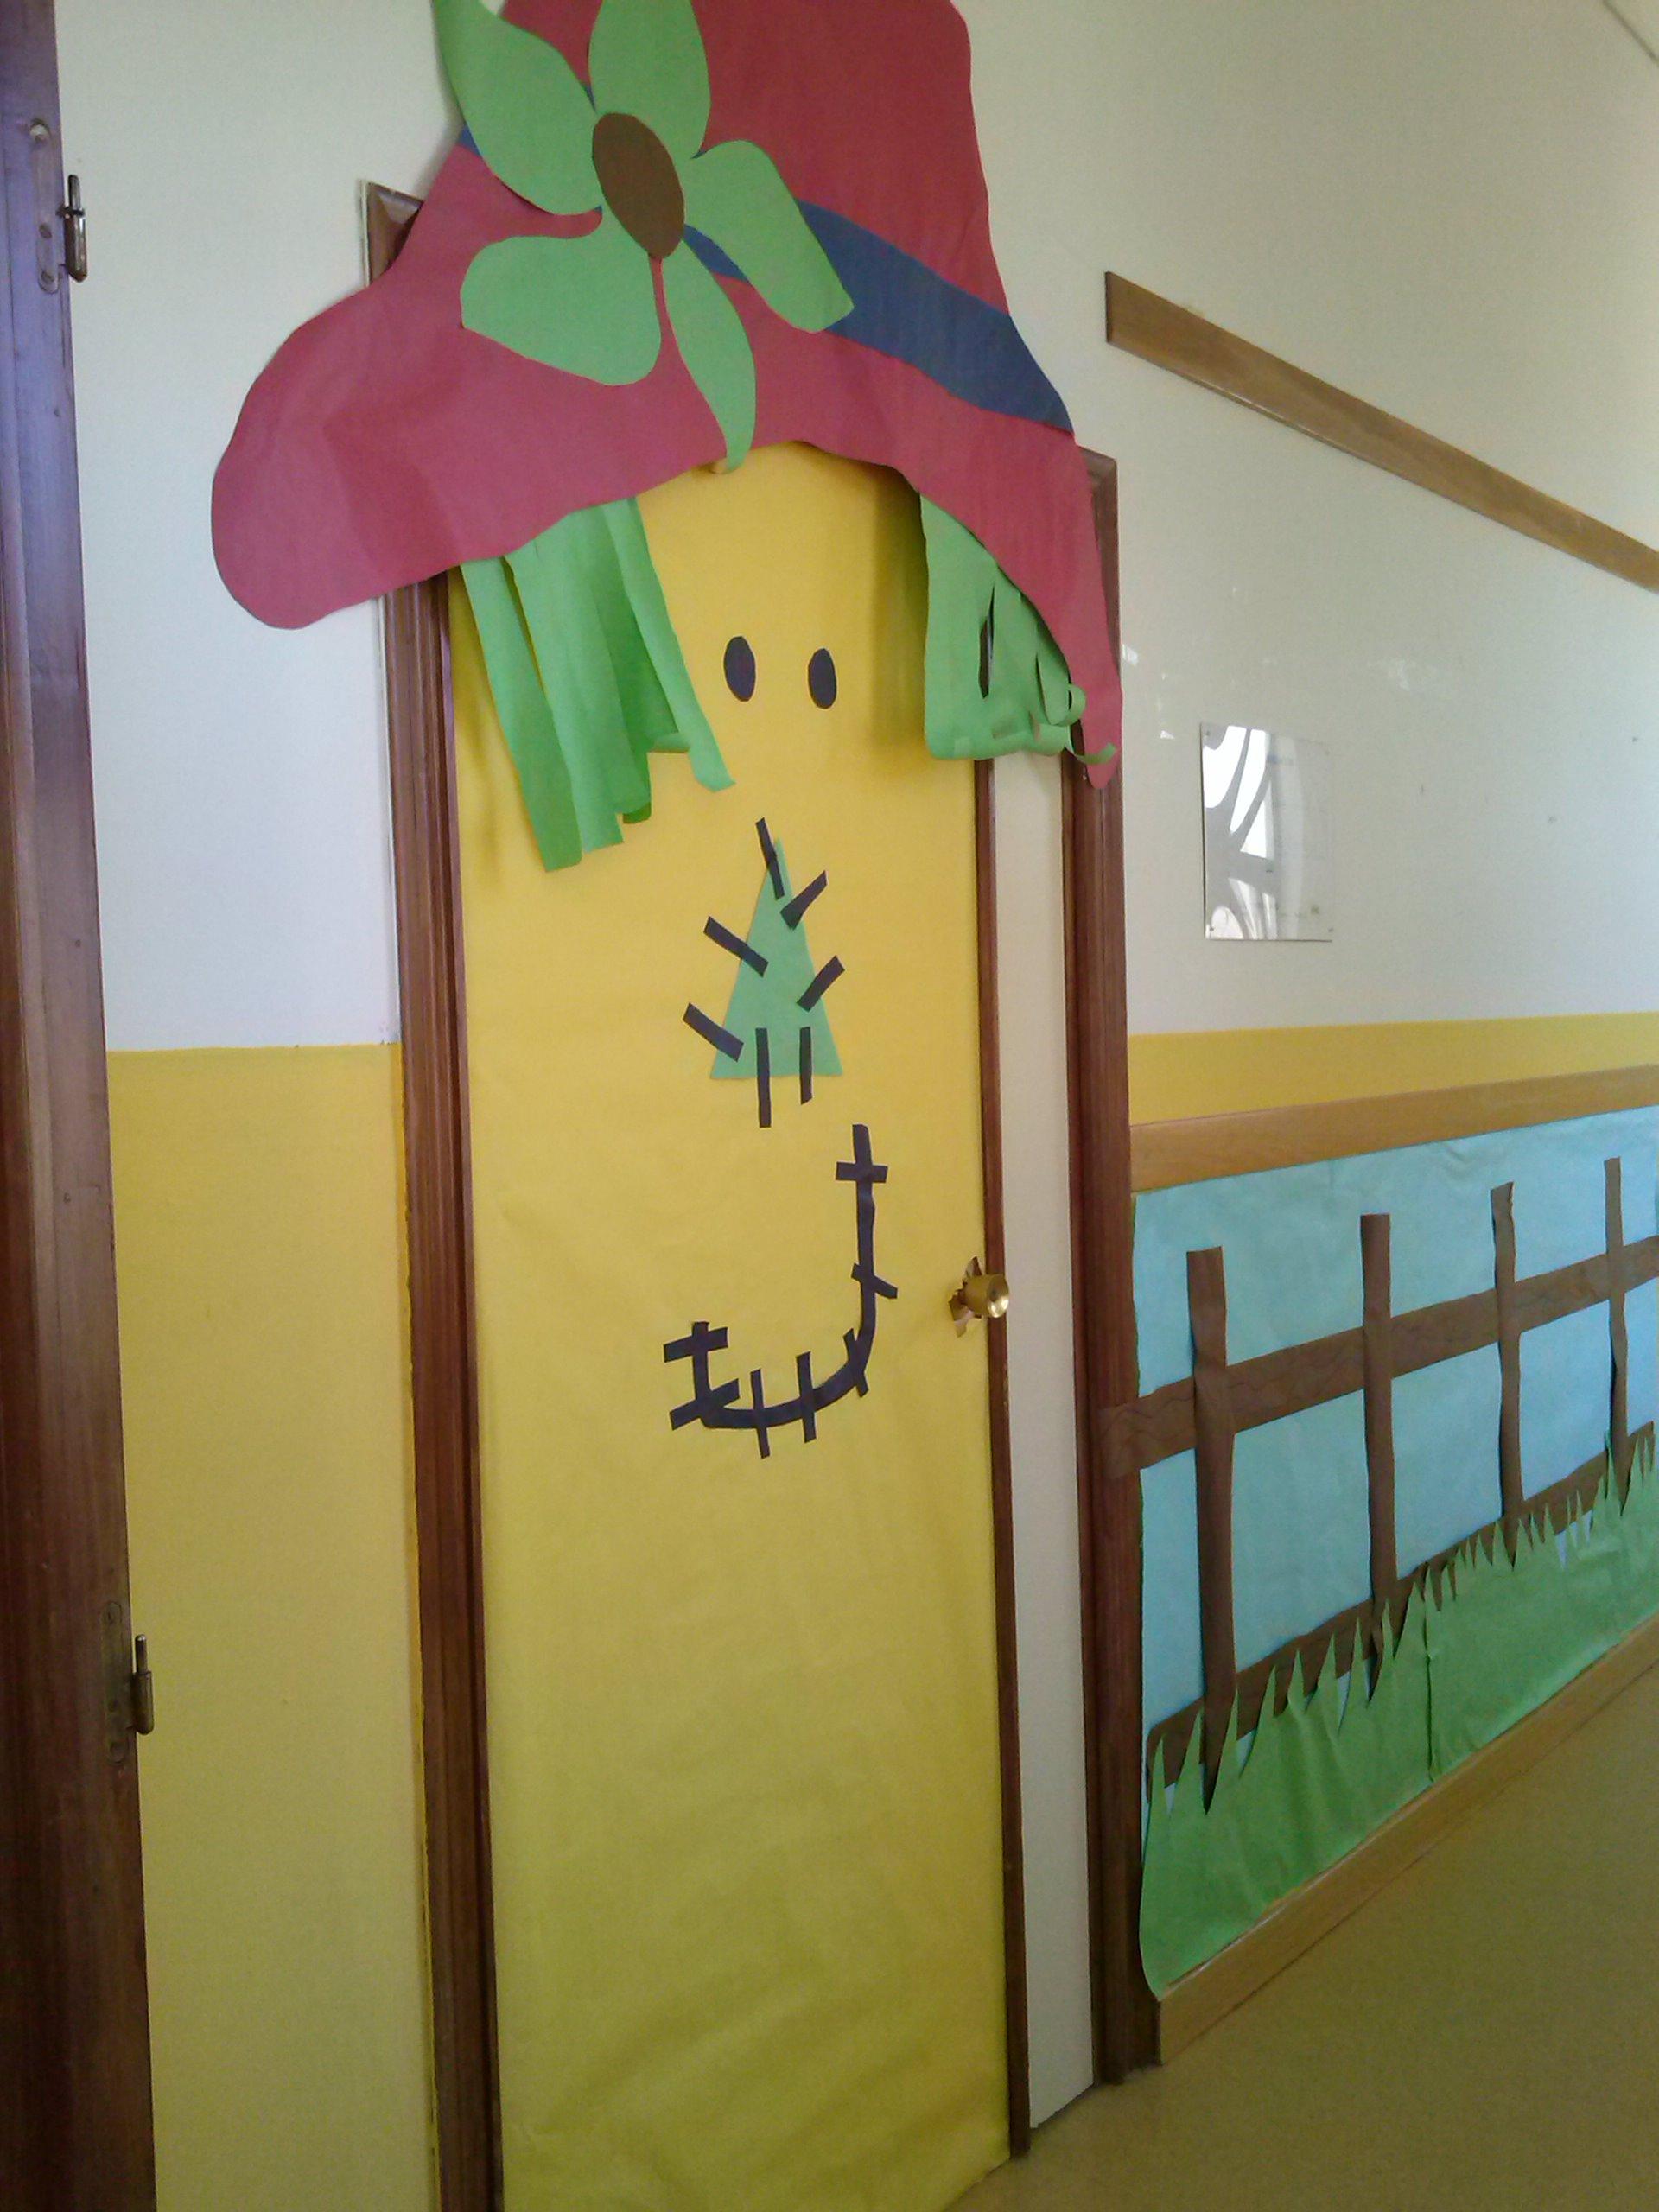 Decoraci n de puertas ceip pablo picasso bonete albacete for Puertas decoradas para el dia del libro